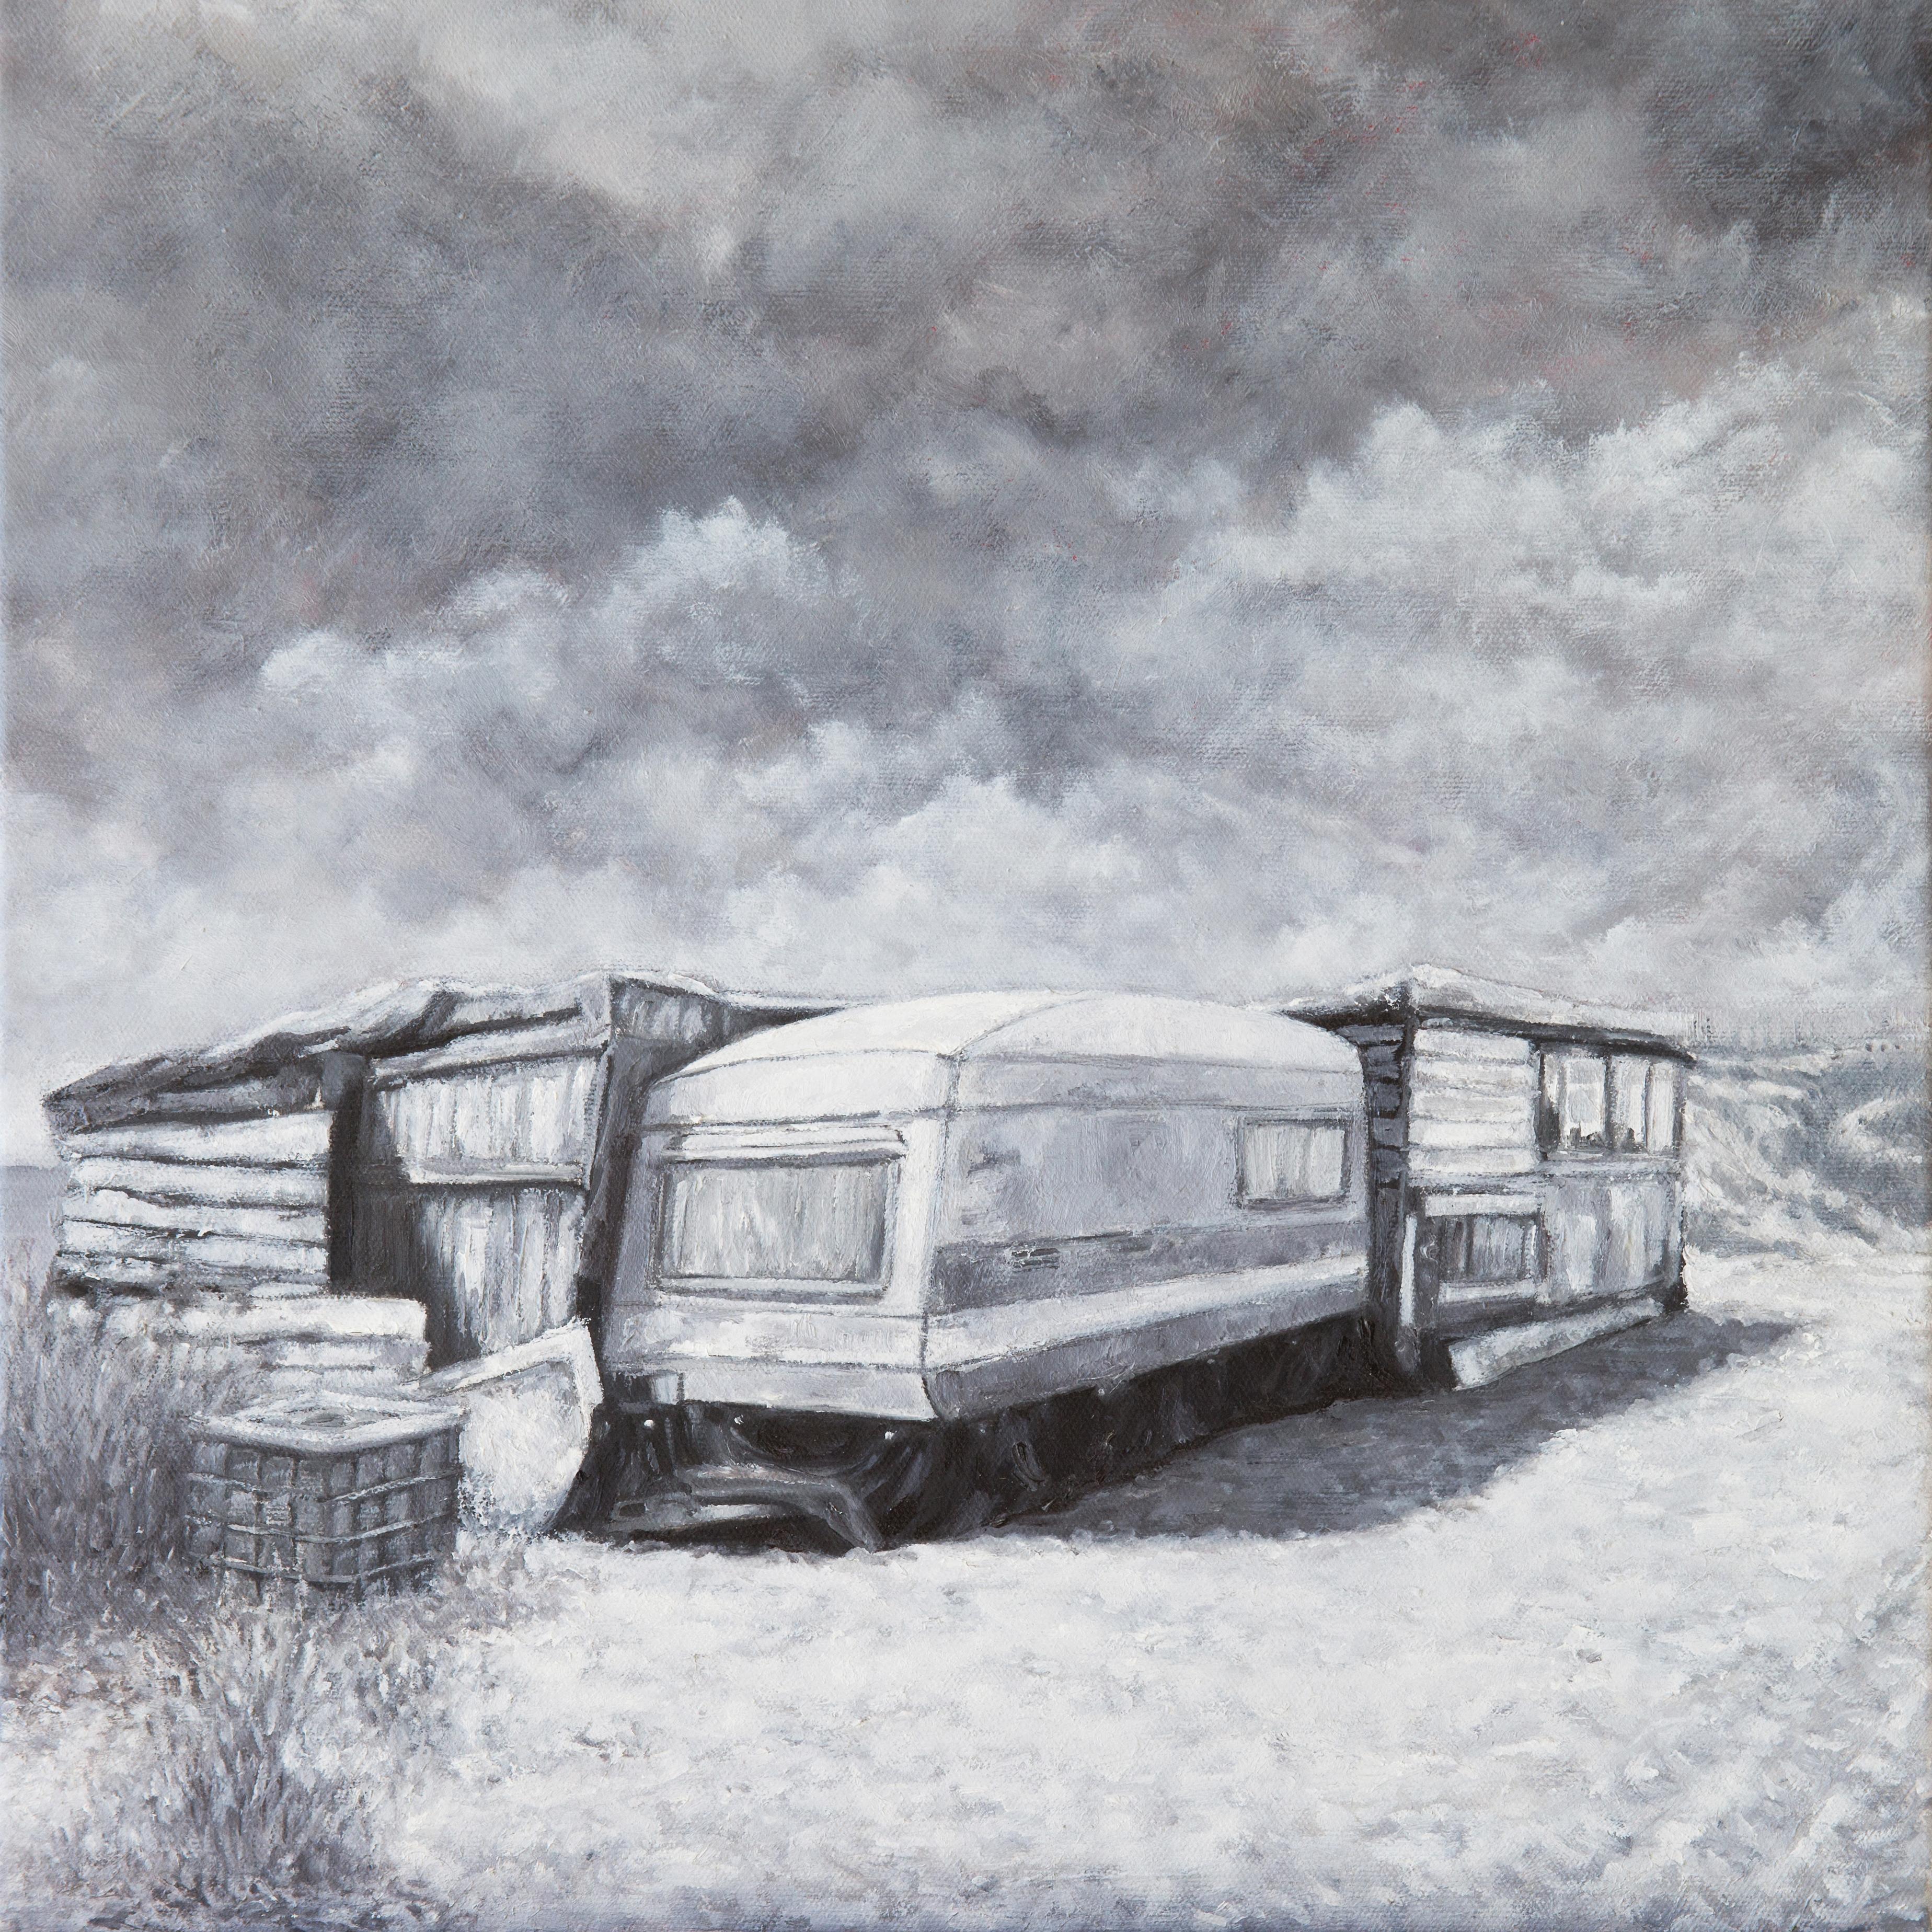 Sébastien Abot nous livre des études - au crayon gras et à l'huile sur carton - d'images mentales, souvenirs de paysages traversés ou échappés d'un rêve.